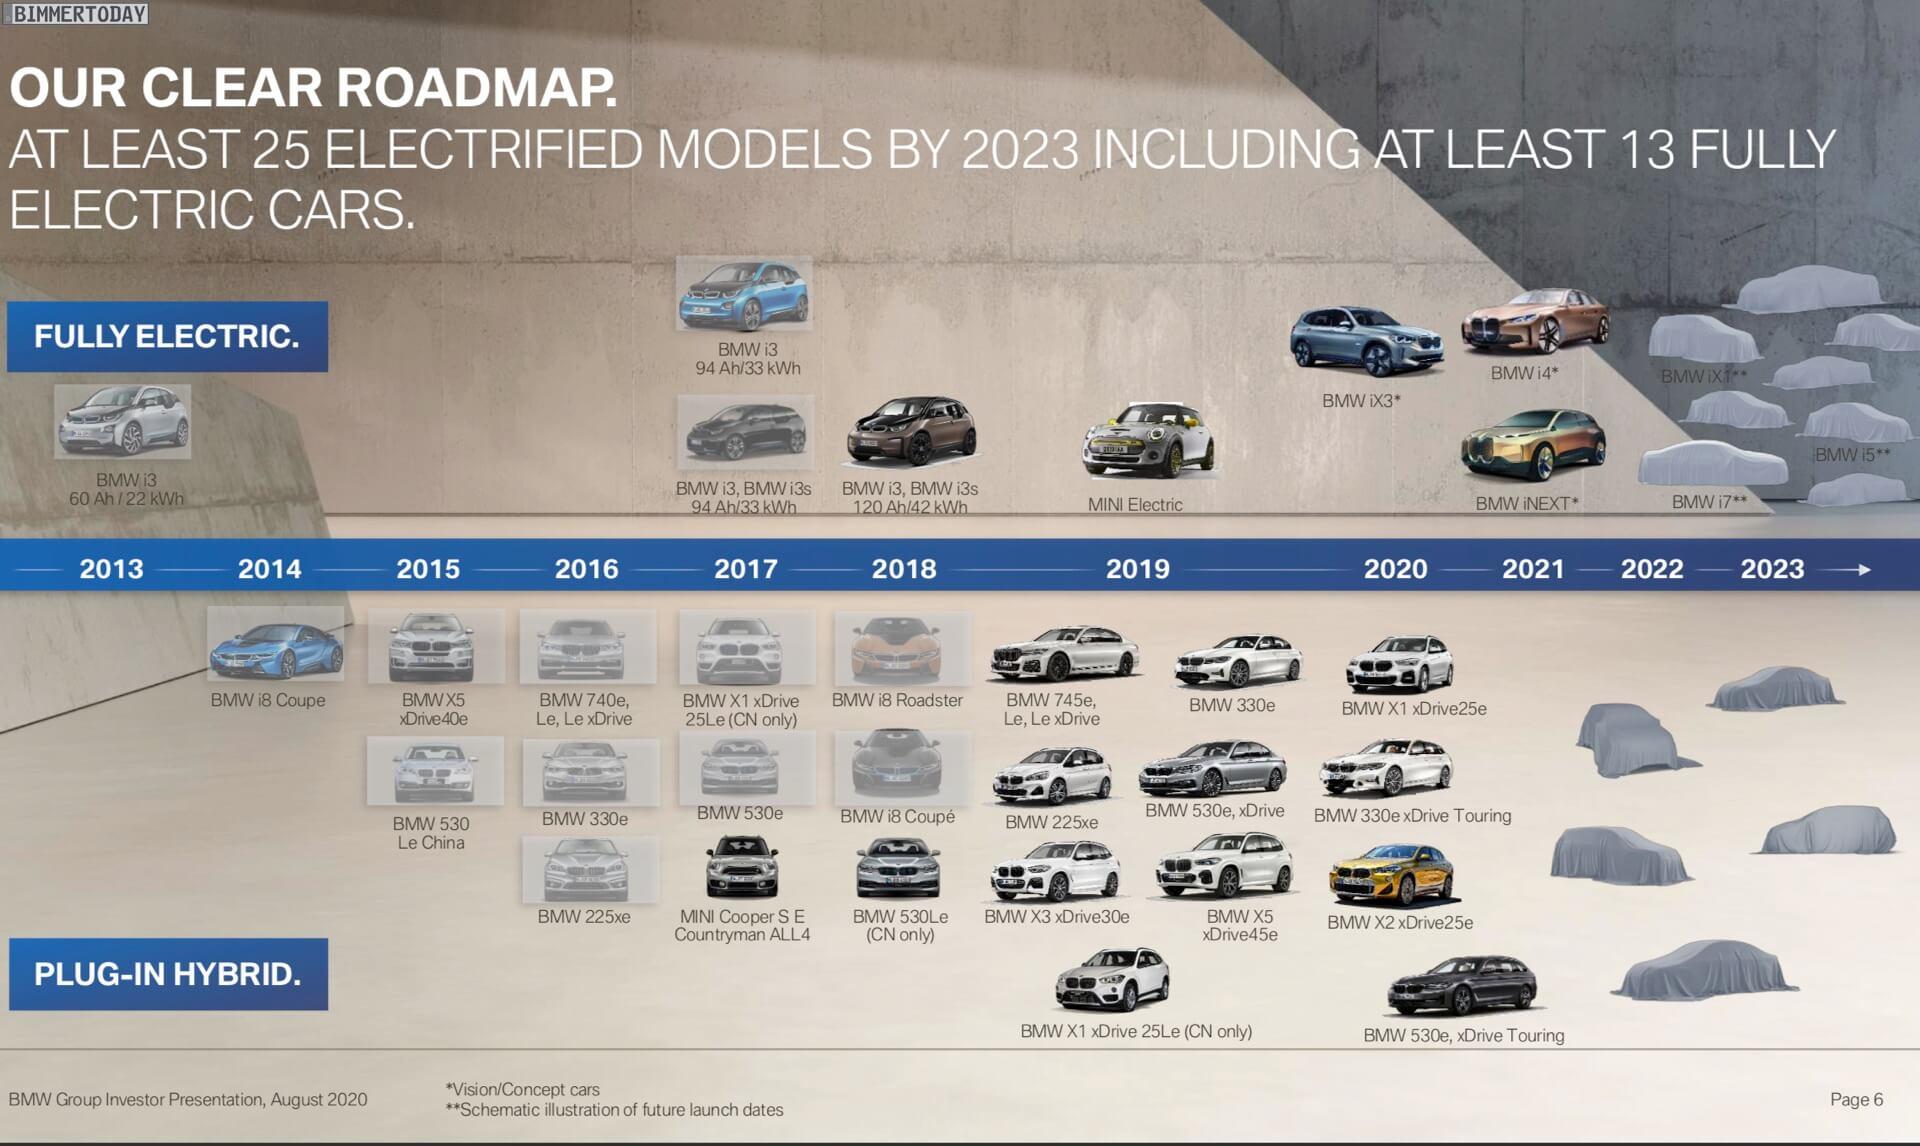 Дорожная карта электрифицированных автомобилей BMW к 2023 году